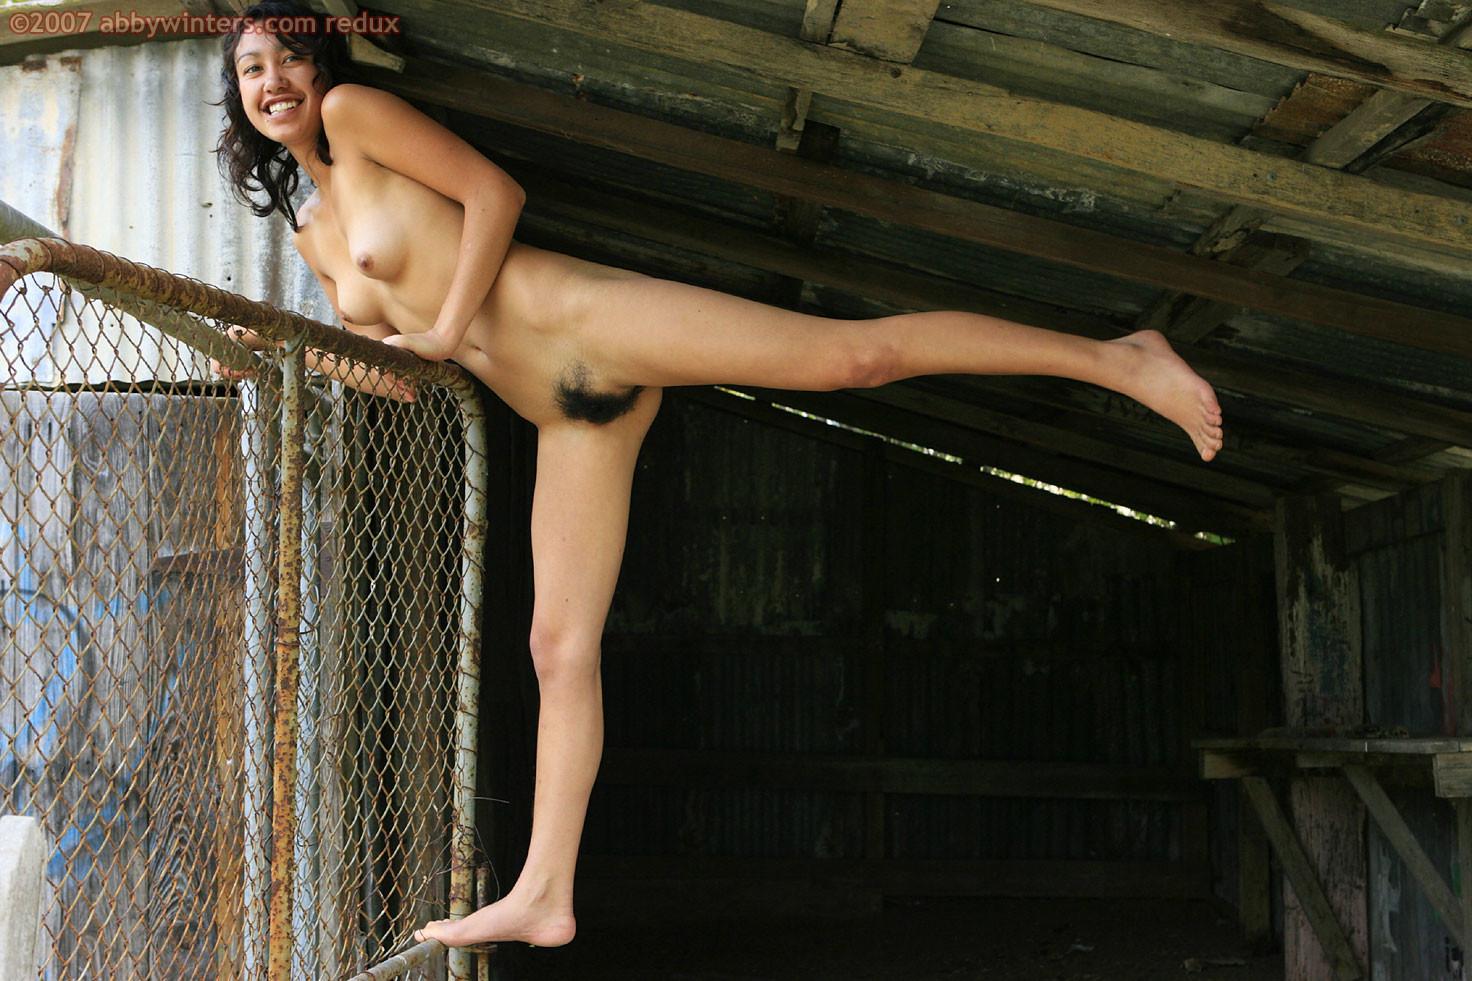 Небольшая грудь и волосатая пизда девушки из Новой Зеландии